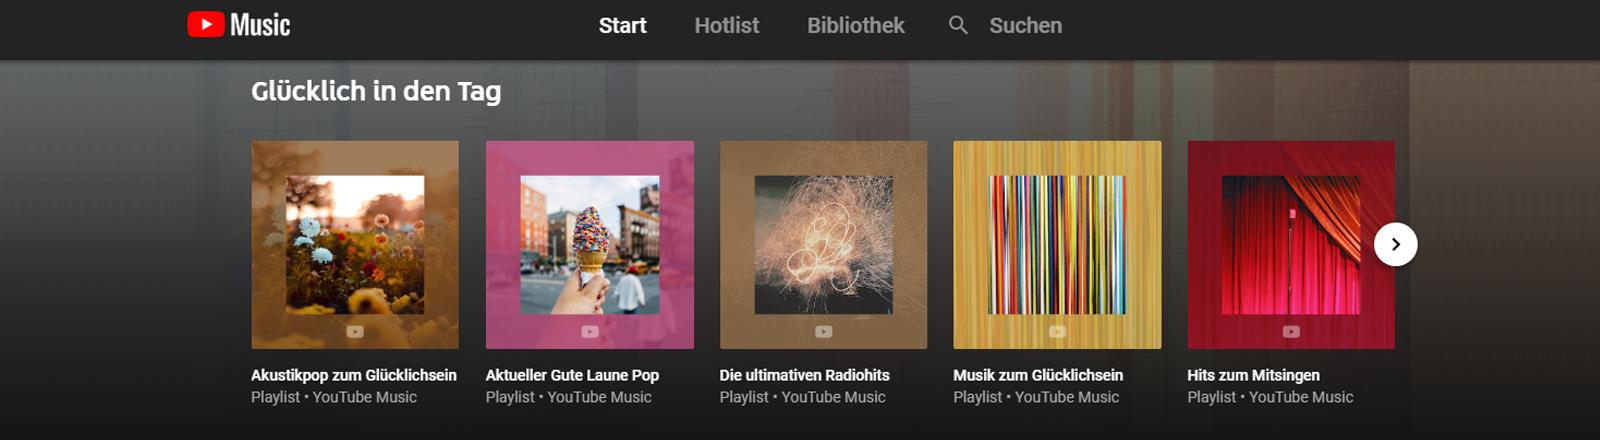 Die Startseite von Youtube Music zeigt ausgewählte Playlisten und die Navigation